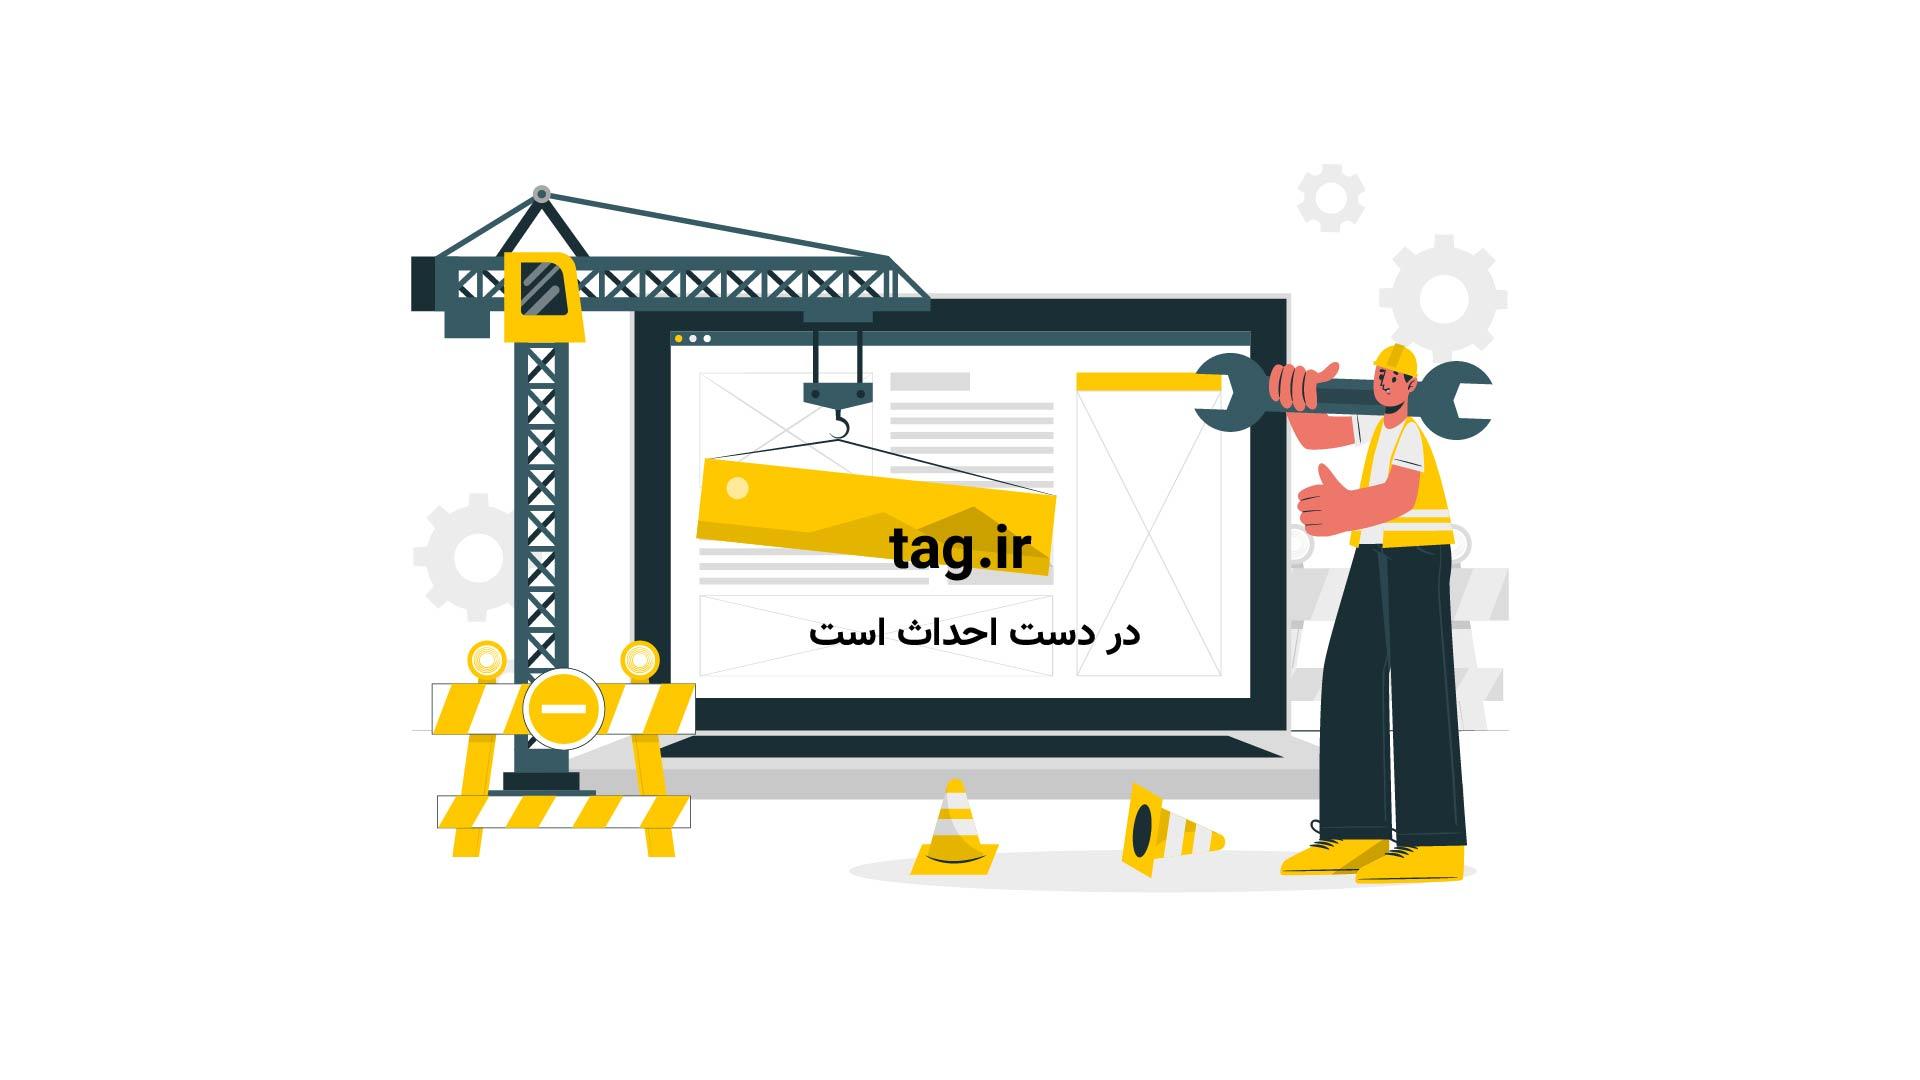 ماهی راه رونده   تگ